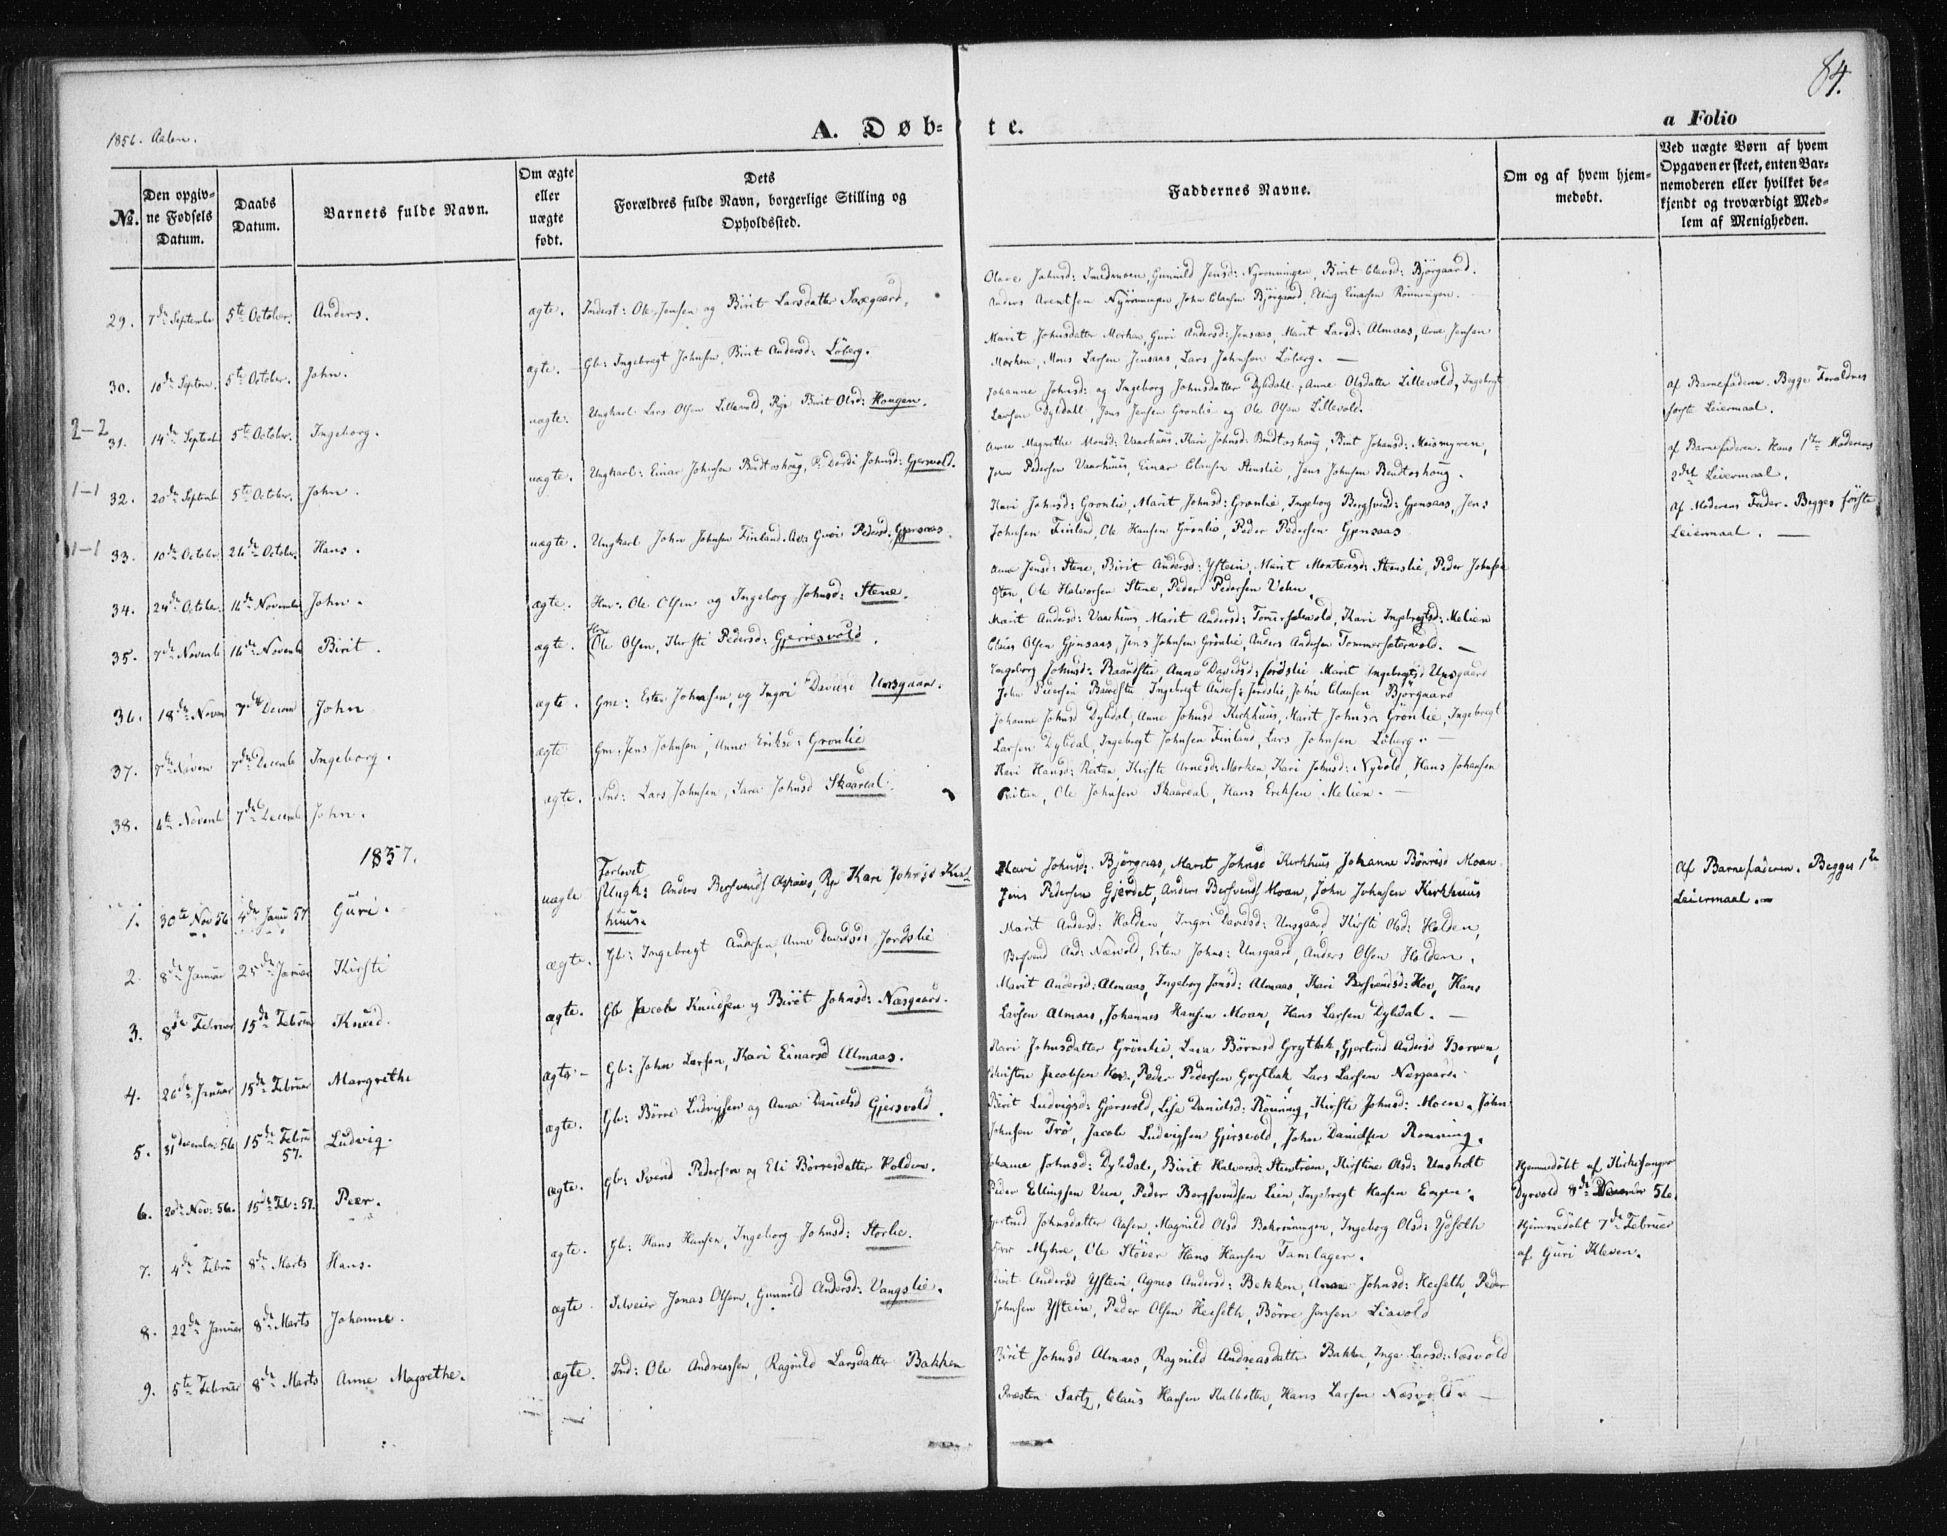 SAT, Ministerialprotokoller, klokkerbøker og fødselsregistre - Sør-Trøndelag, 685/L0965: Ministerialbok nr. 685A06 /3, 1846-1859, s. 84